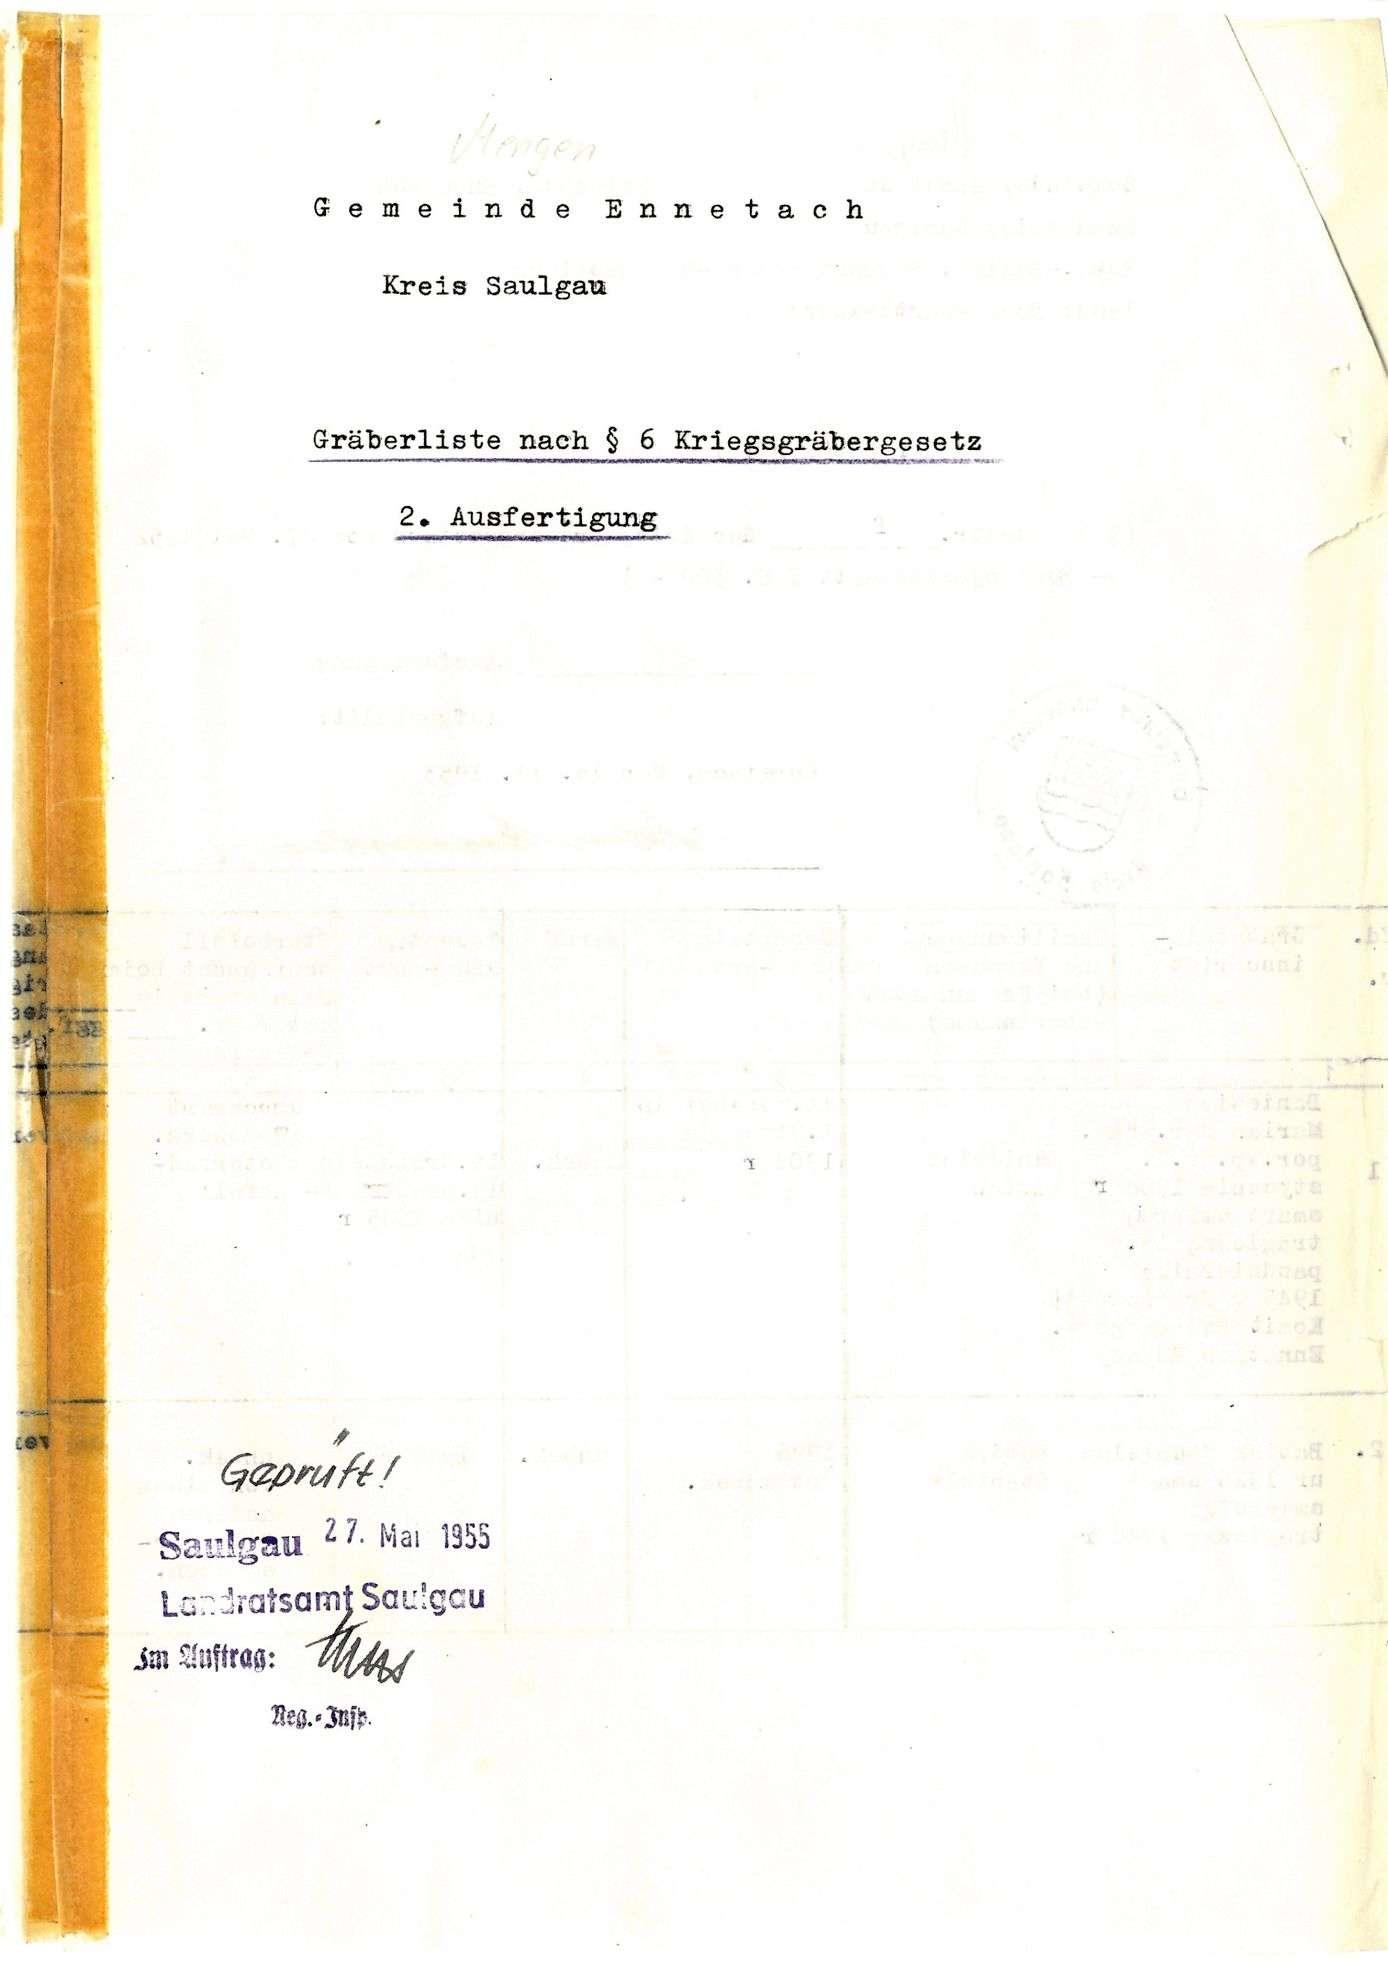 Ennetach, Bild 1